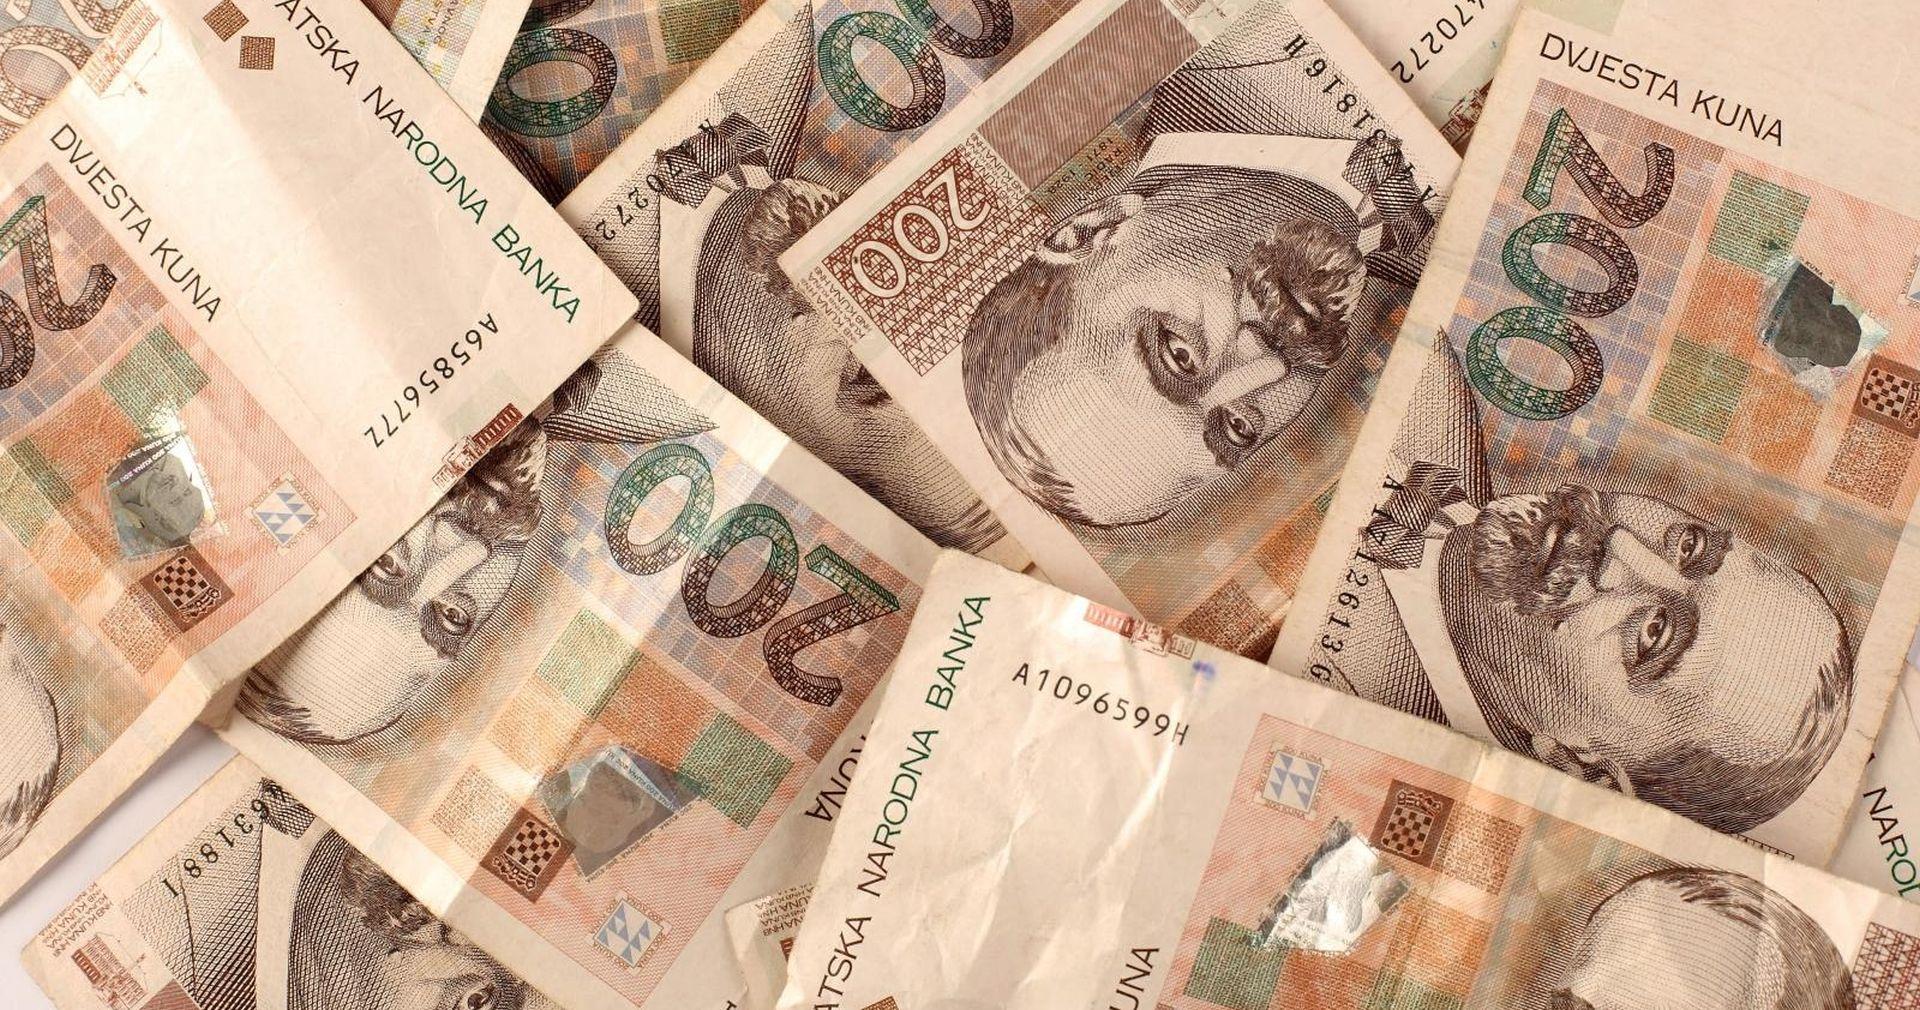 DIP objavio izvješća o potrošenom novcu stranaka u kampanjama